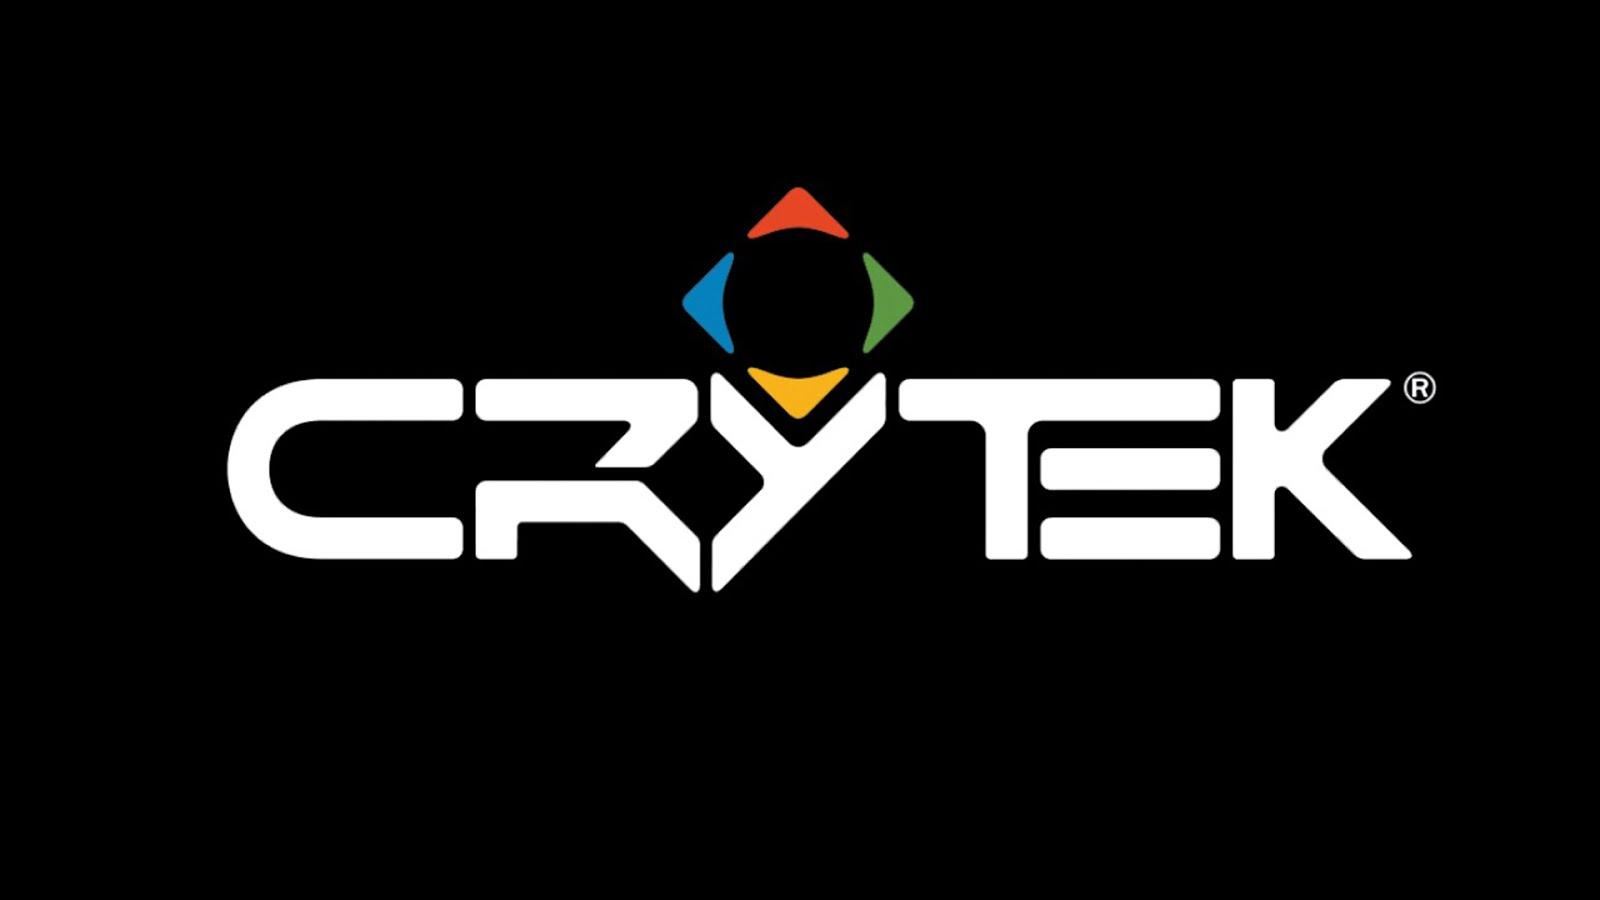 Crytek-logo.jpg